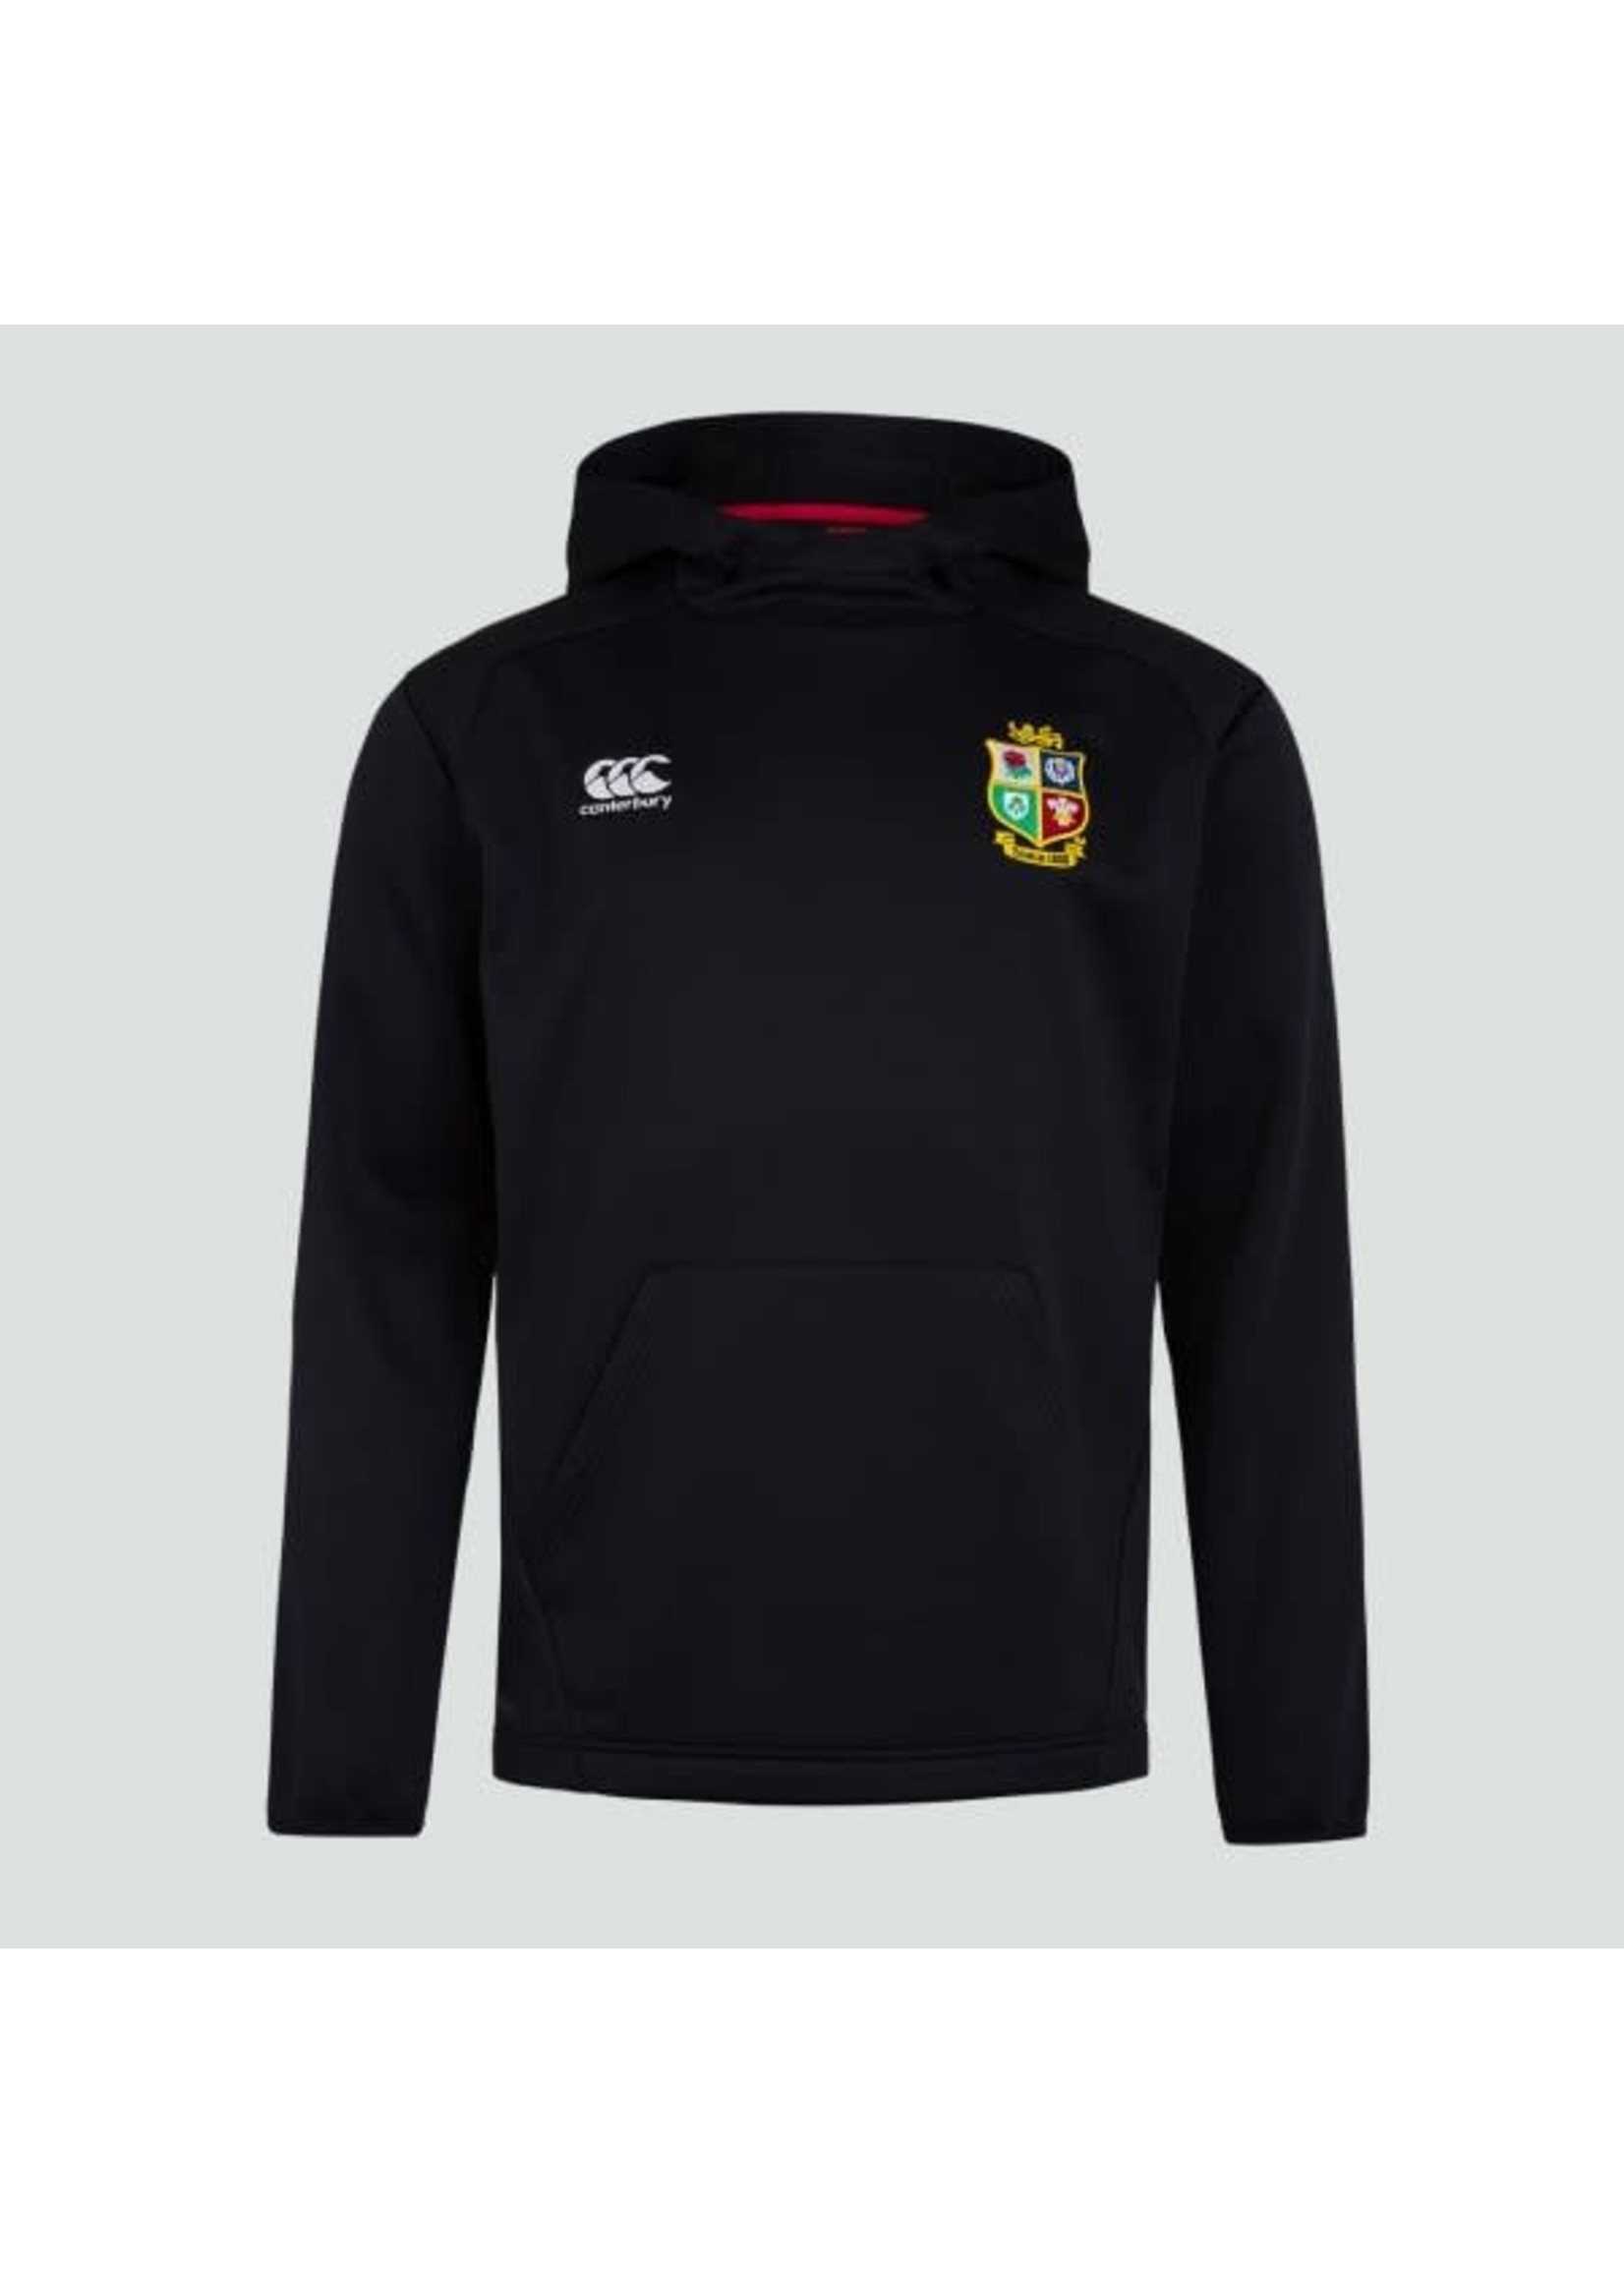 Canterbury British & Irish Lions - Mens OTH Hoody (2021) - Black